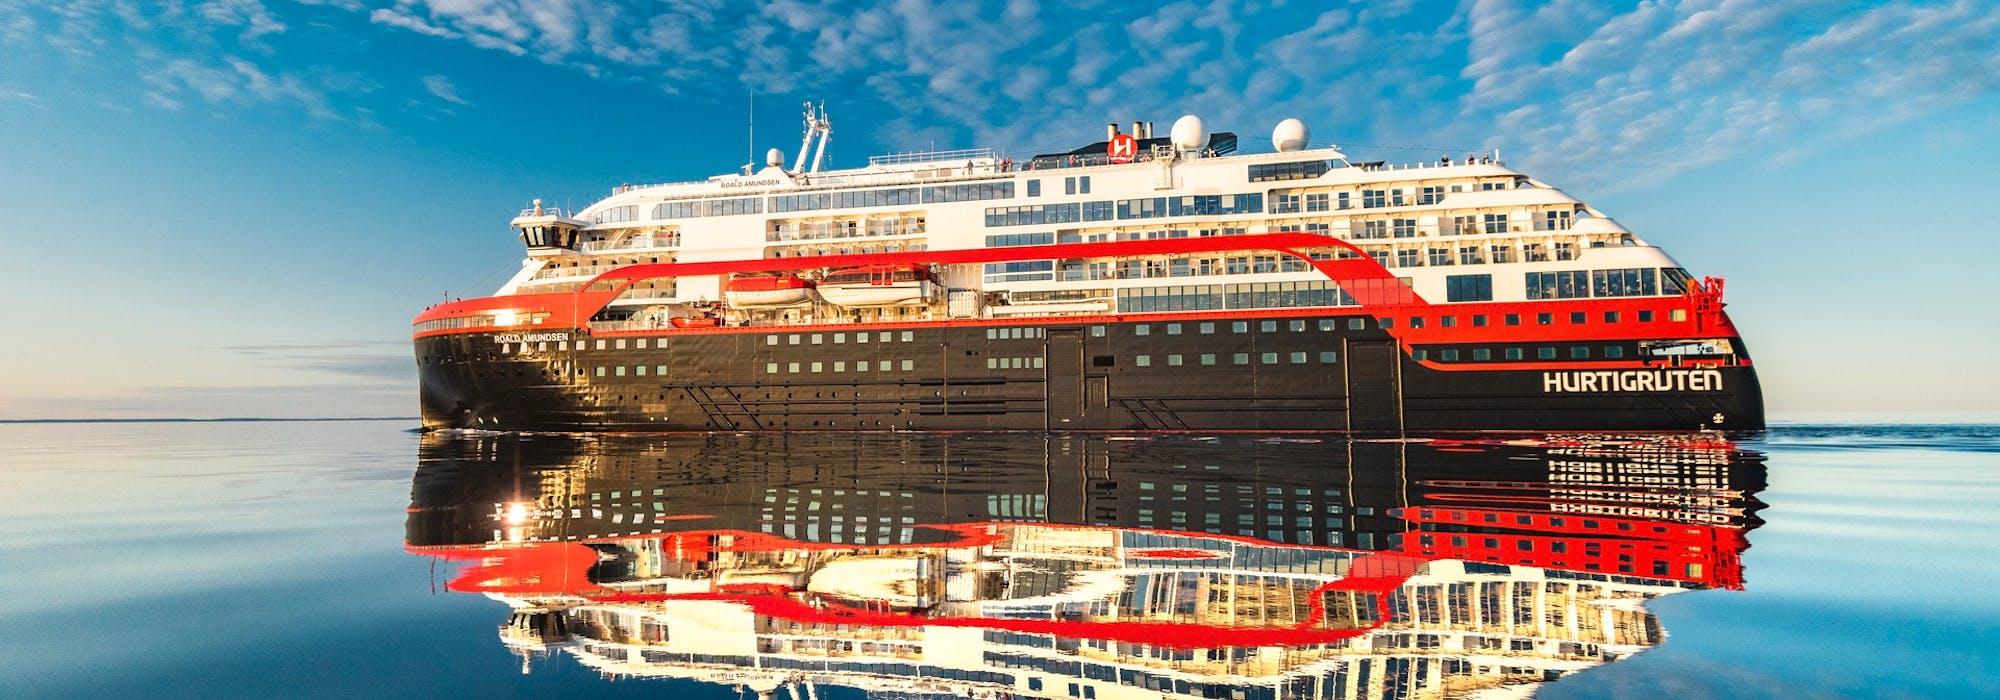 Bild från sidan på Hurtigrutens fartyg MS Roald Amundsen.